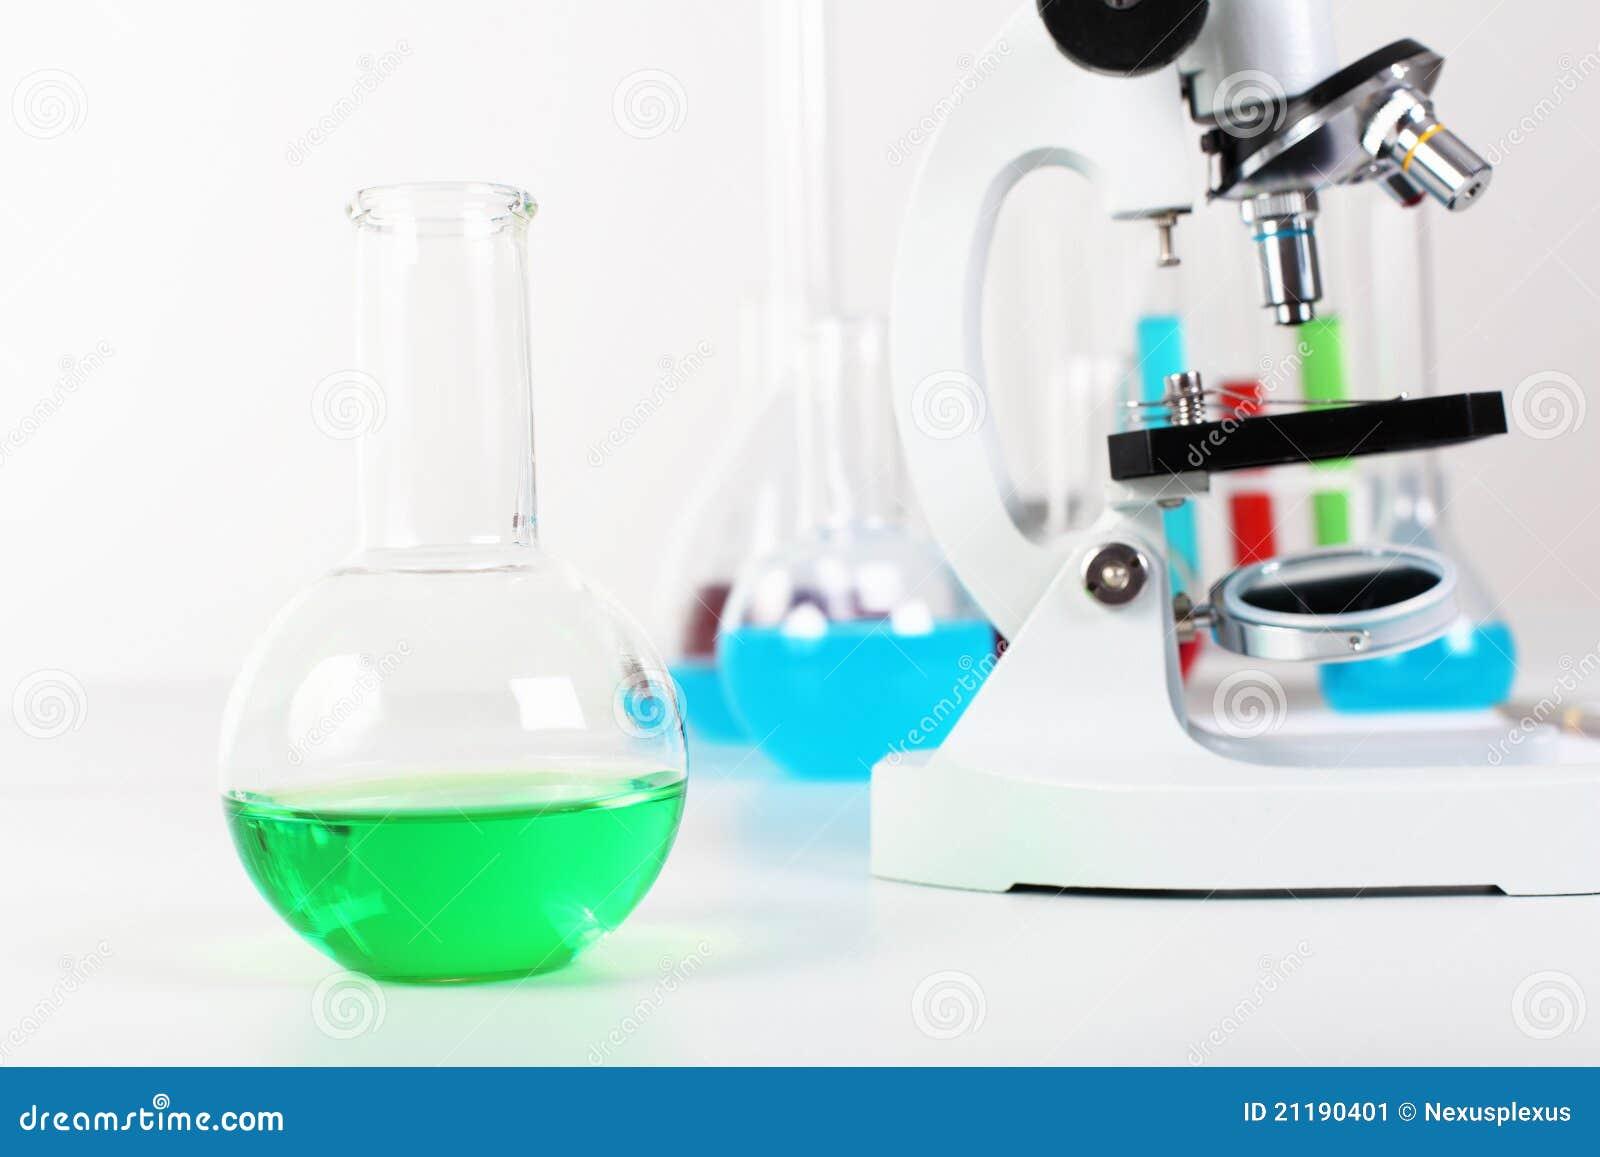 Chemii lub biologii laborotary wyposażenie